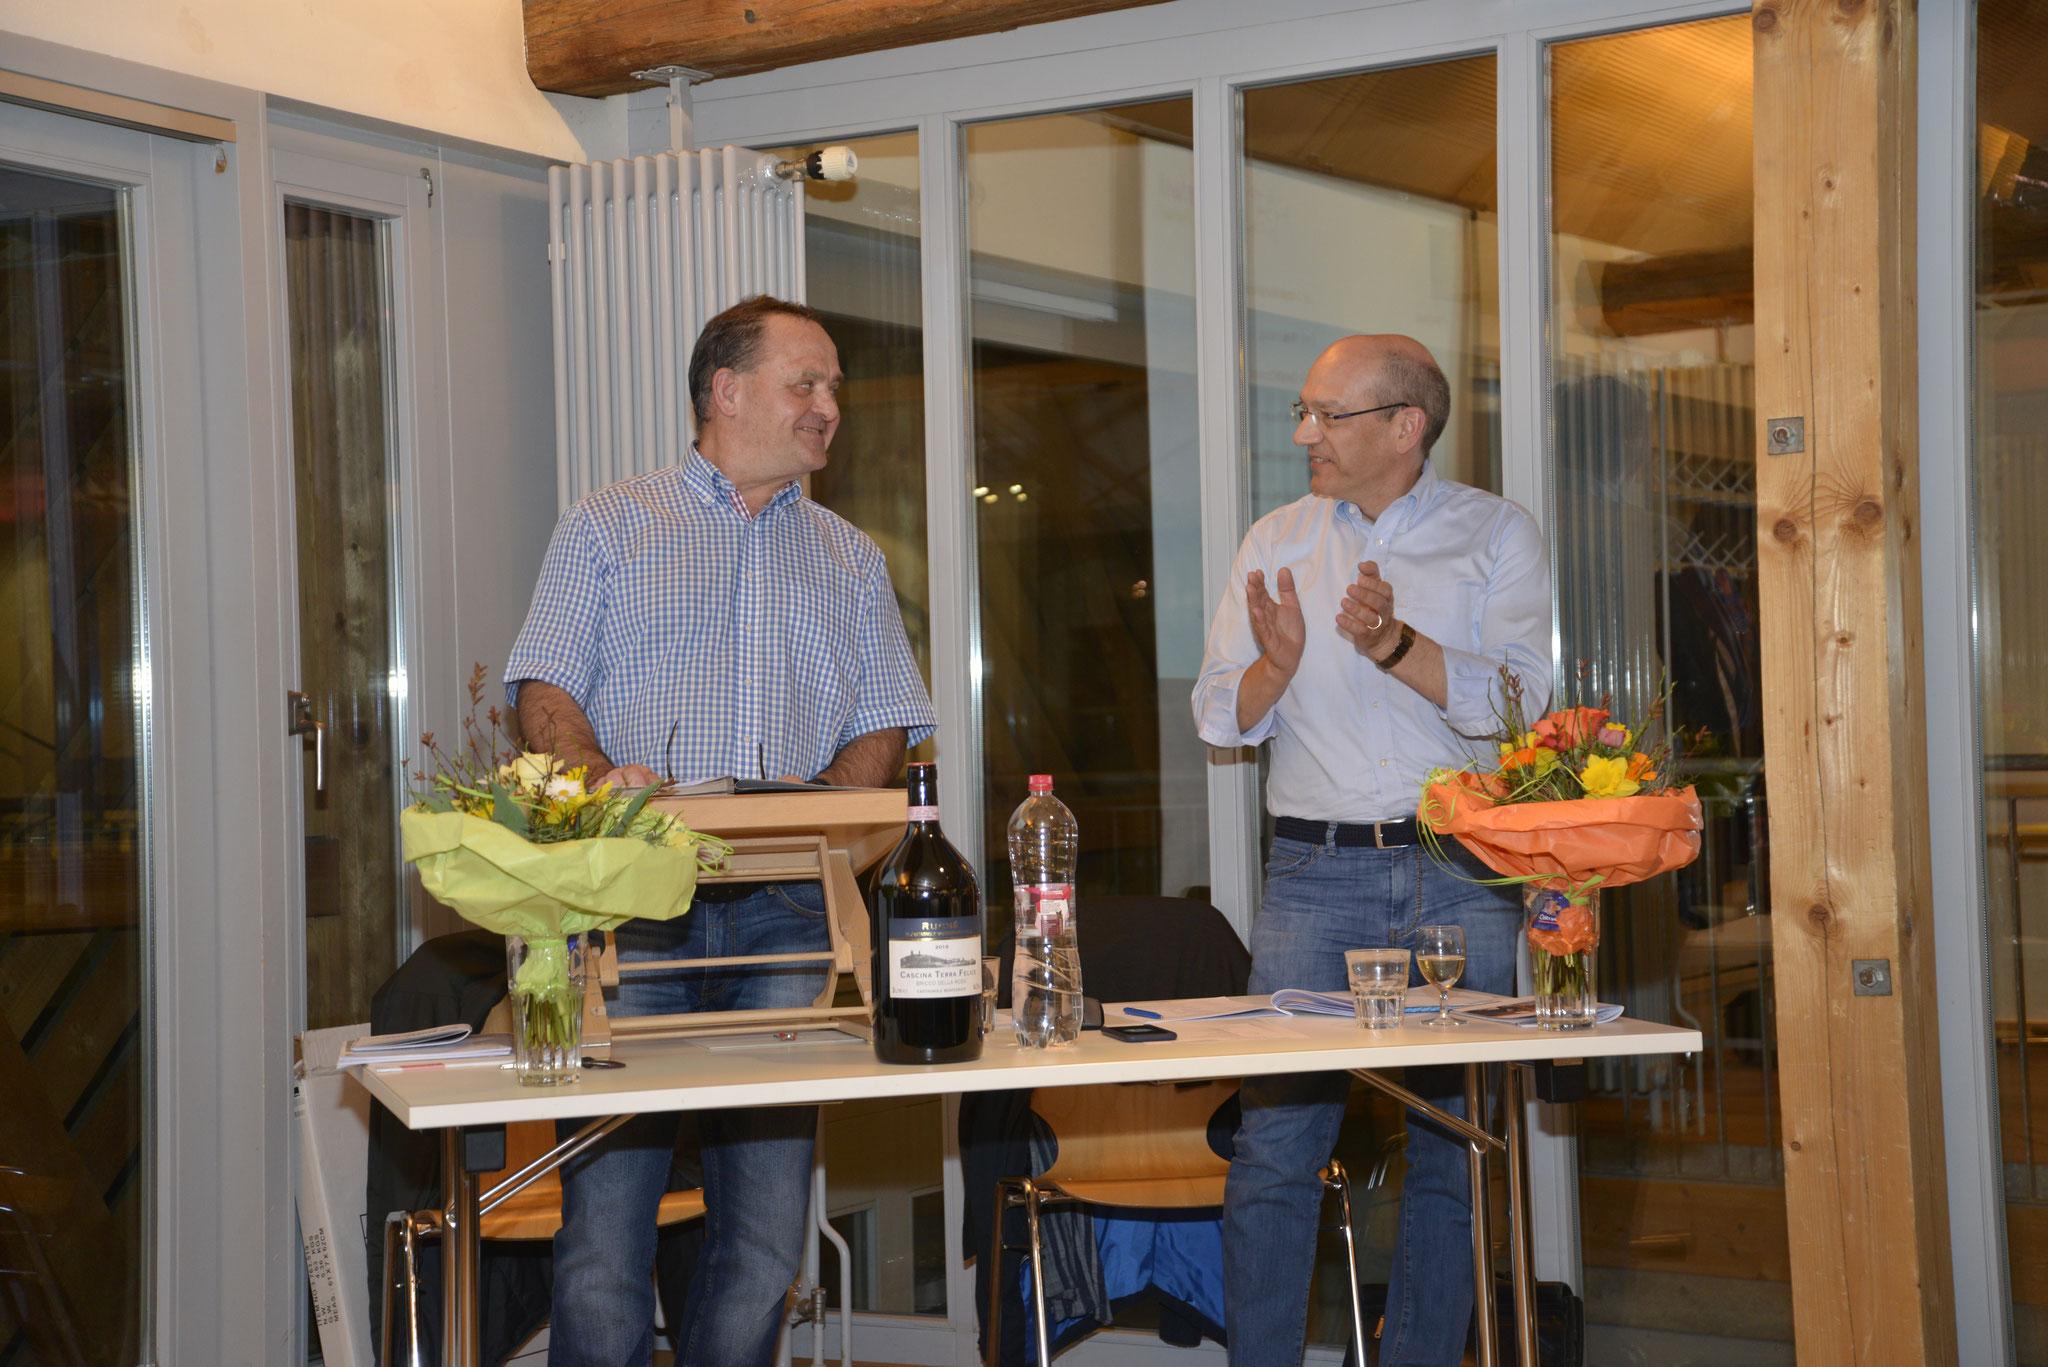 Geleitet wurde die Vereinsversammlung von Präsident Ueli Brandenberger (links) und Vizepräsident Fredi Haug.